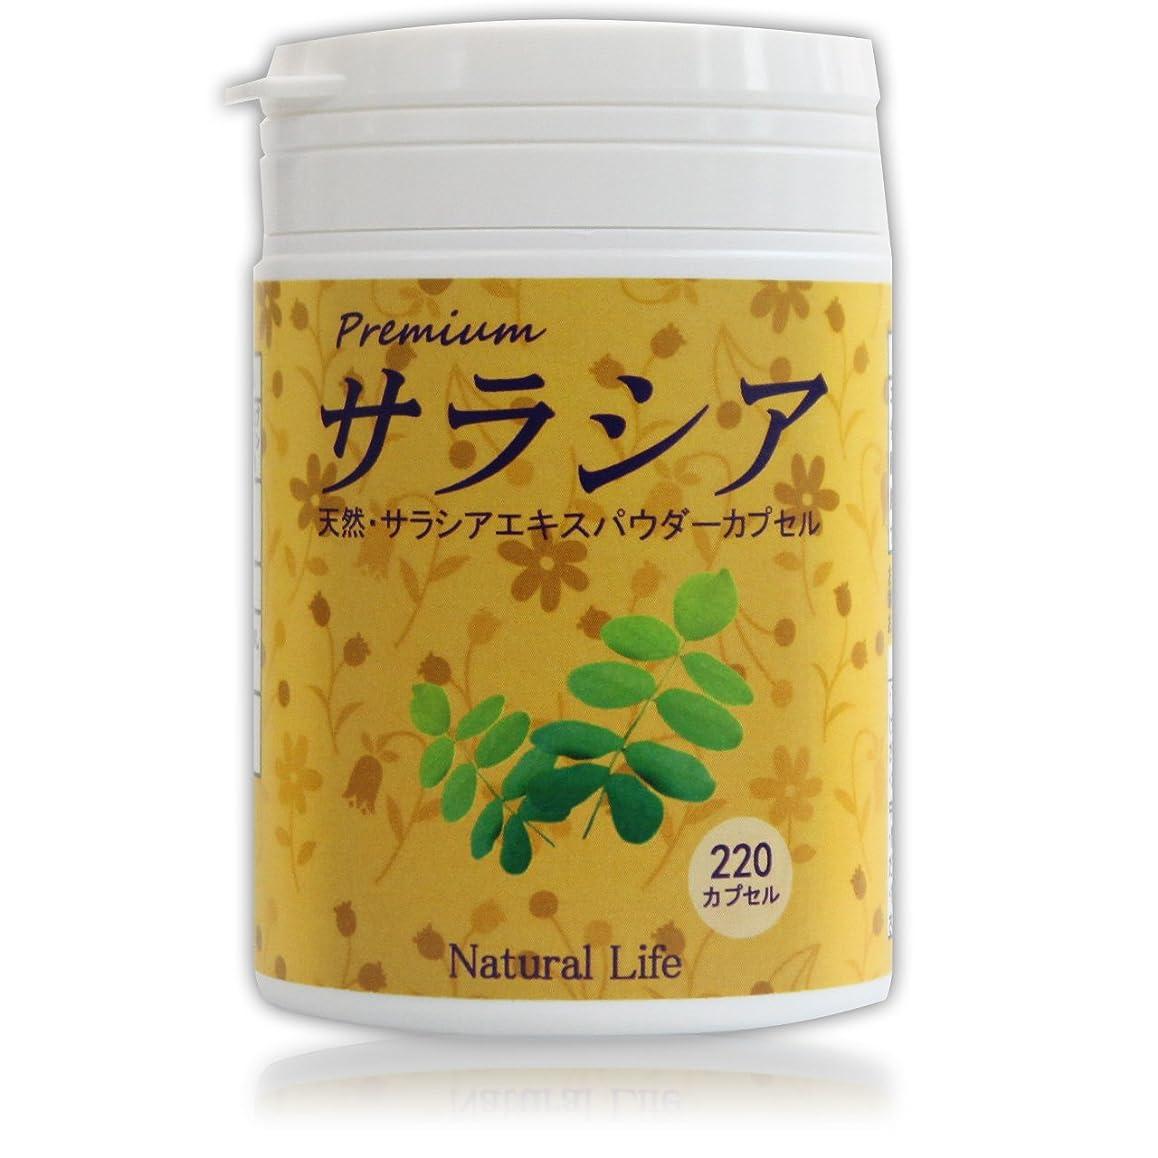 反響する首謀者ディスカウントサラシアカプセル[220粒]天然ピュア原料(無添加) 健康食品(サラシア,さらしあ)